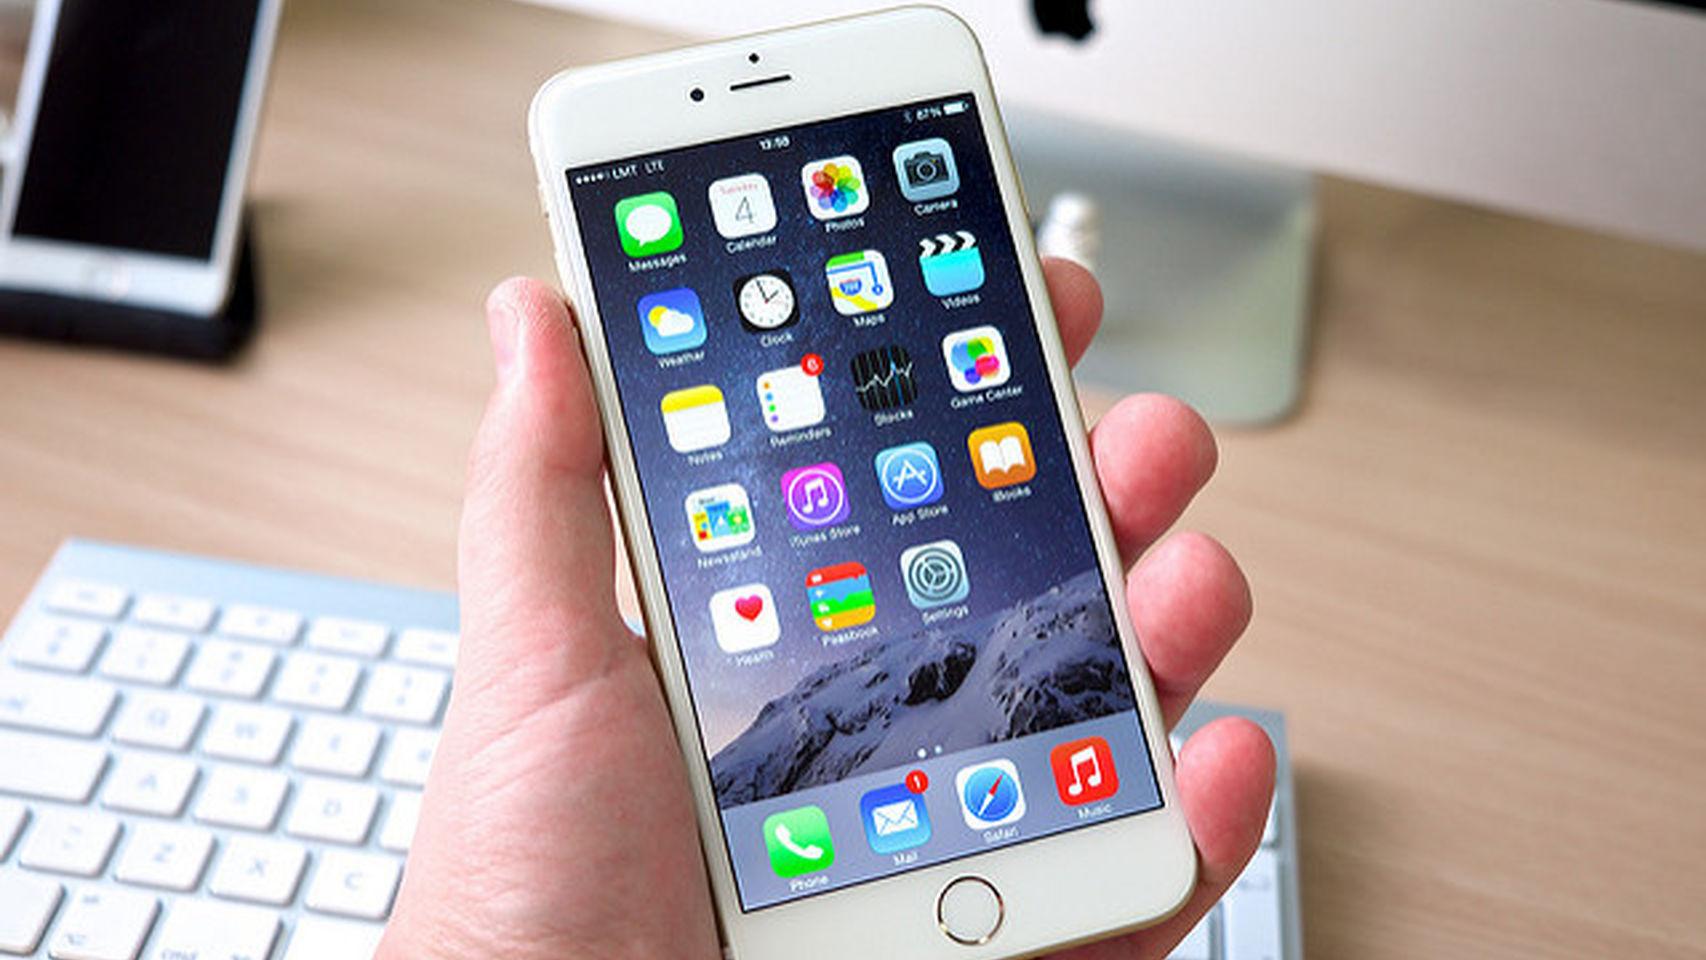 Las pantallas del iPhone 6 pueden dar problemas.